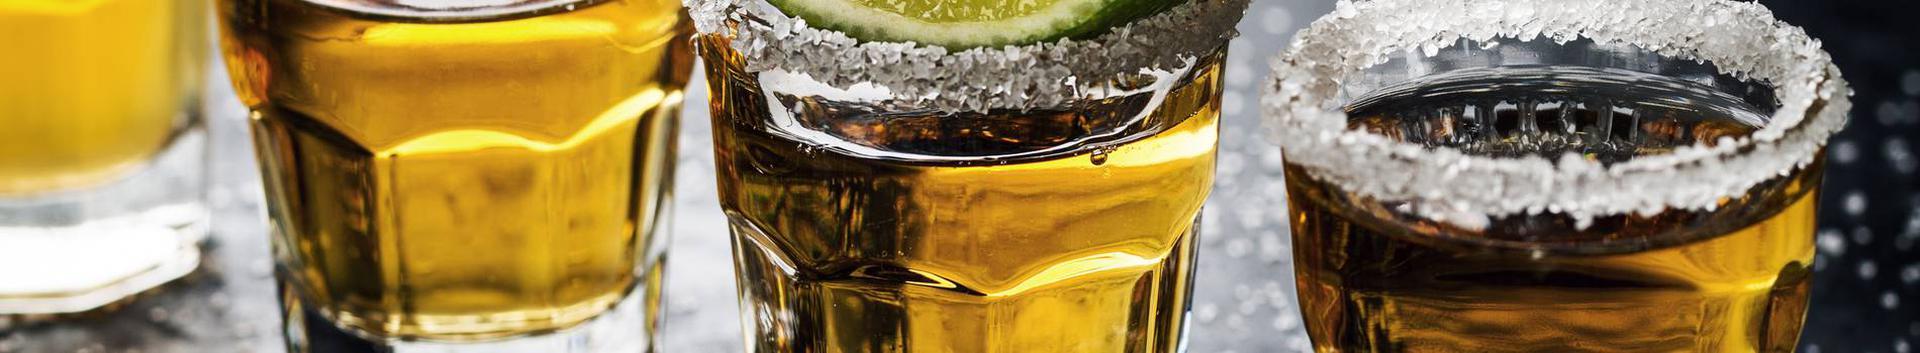 46341_alkoholi-hulgimuuk_86481701_xl.jpg